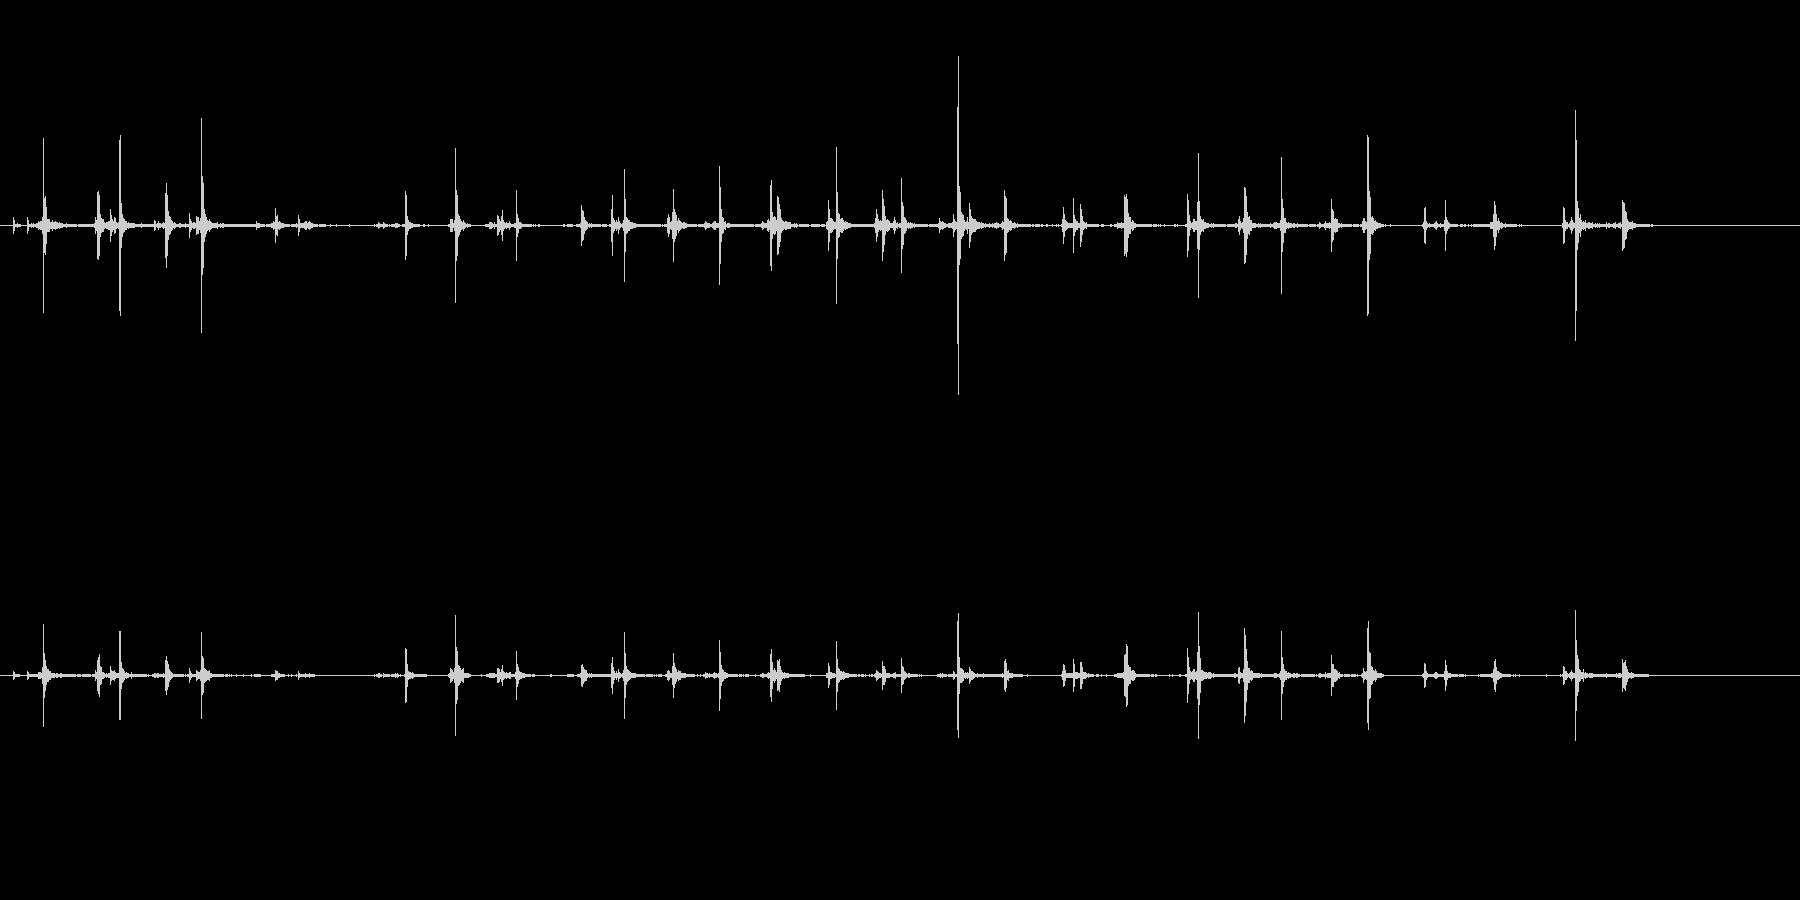 キーボードをタイピングするリアルな効果音の未再生の波形